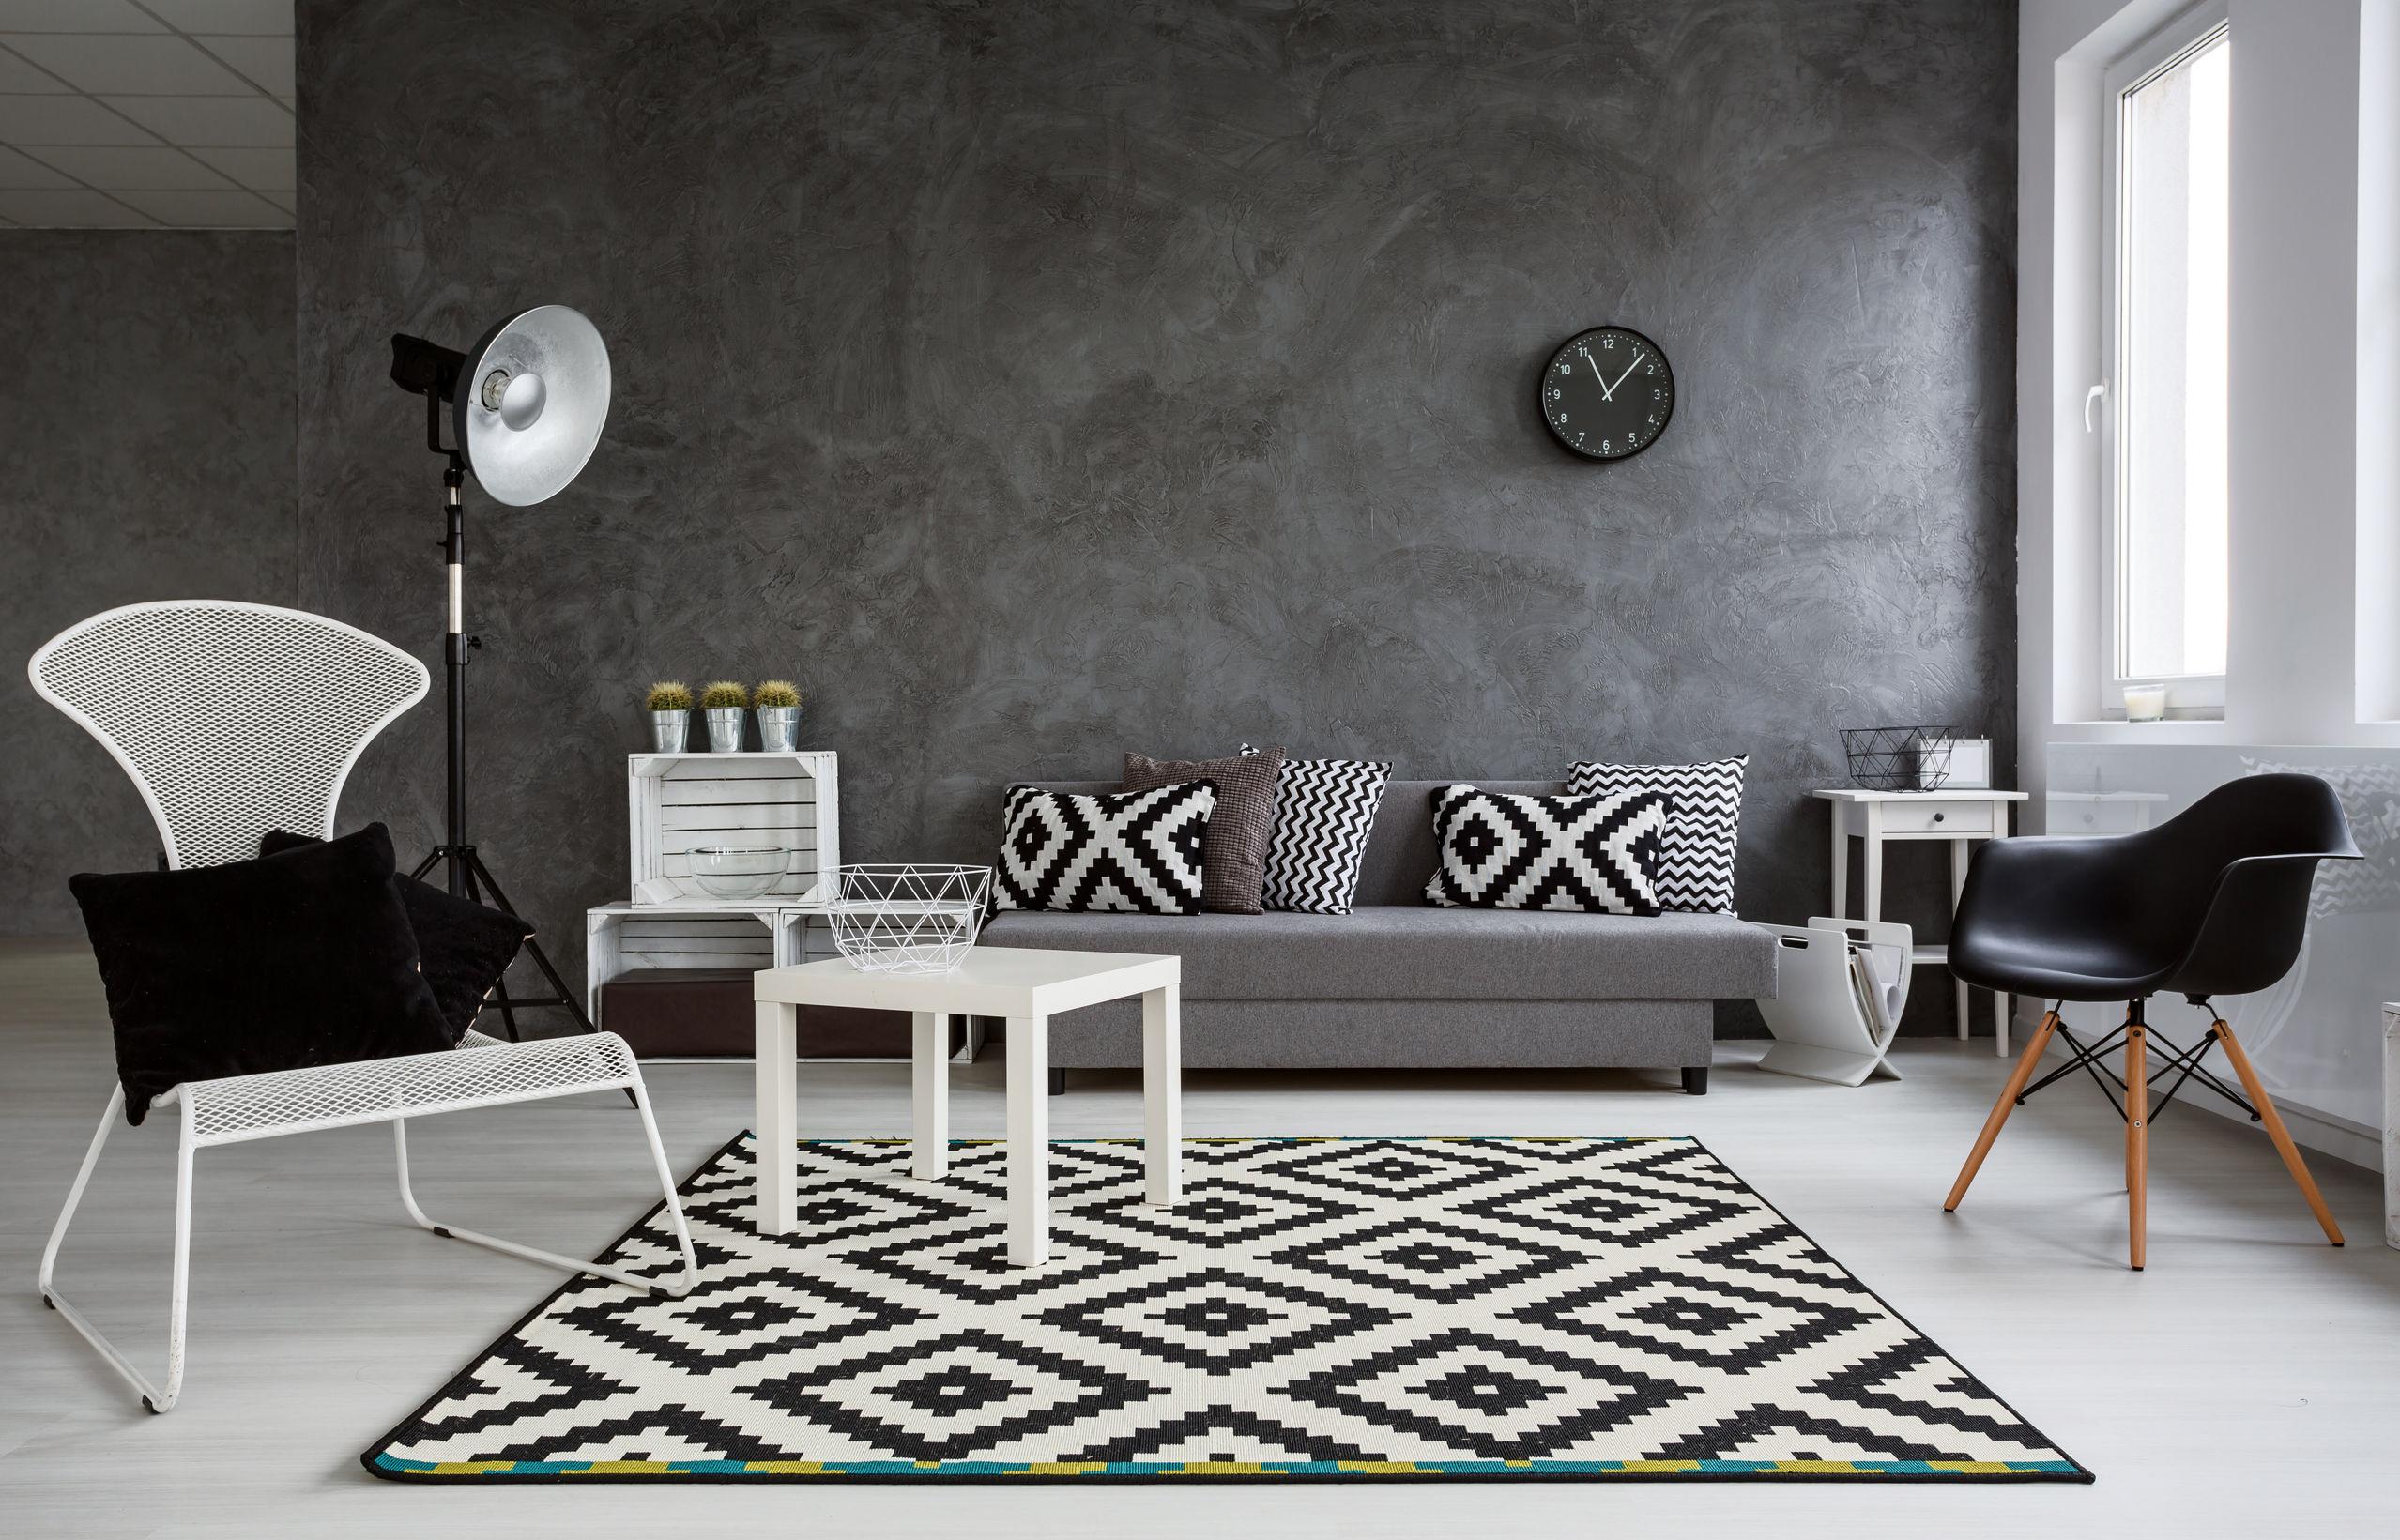 imagen de cabecera del post sobre nuevos materiales para decoración en 2018